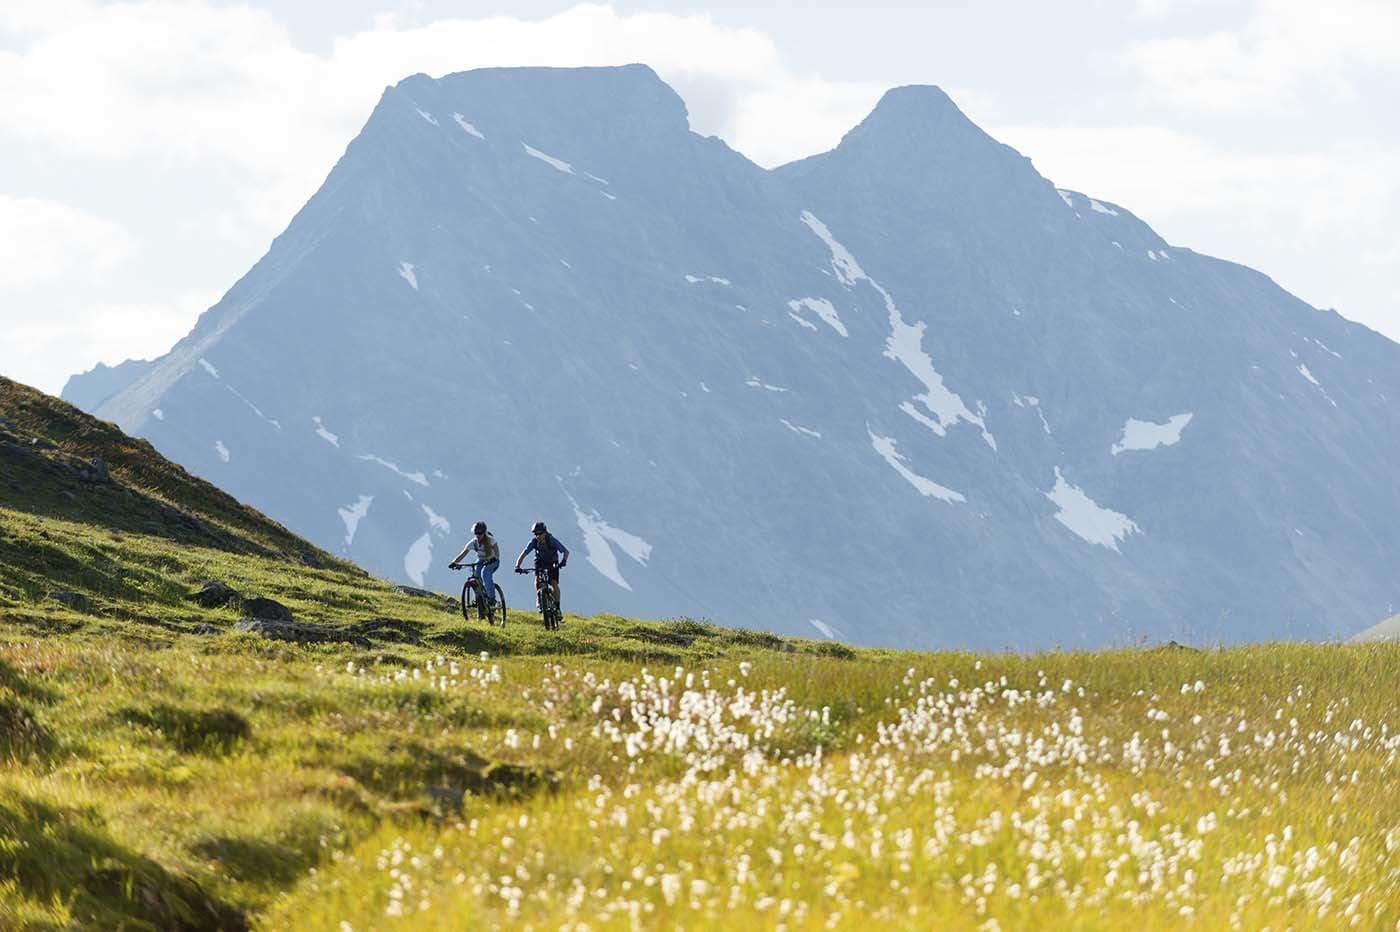 SOM FORVENTET: Steindalstinden er et av mange fjell du vil kunne se mye på i løpet av en sykkeltur i Lyngen.